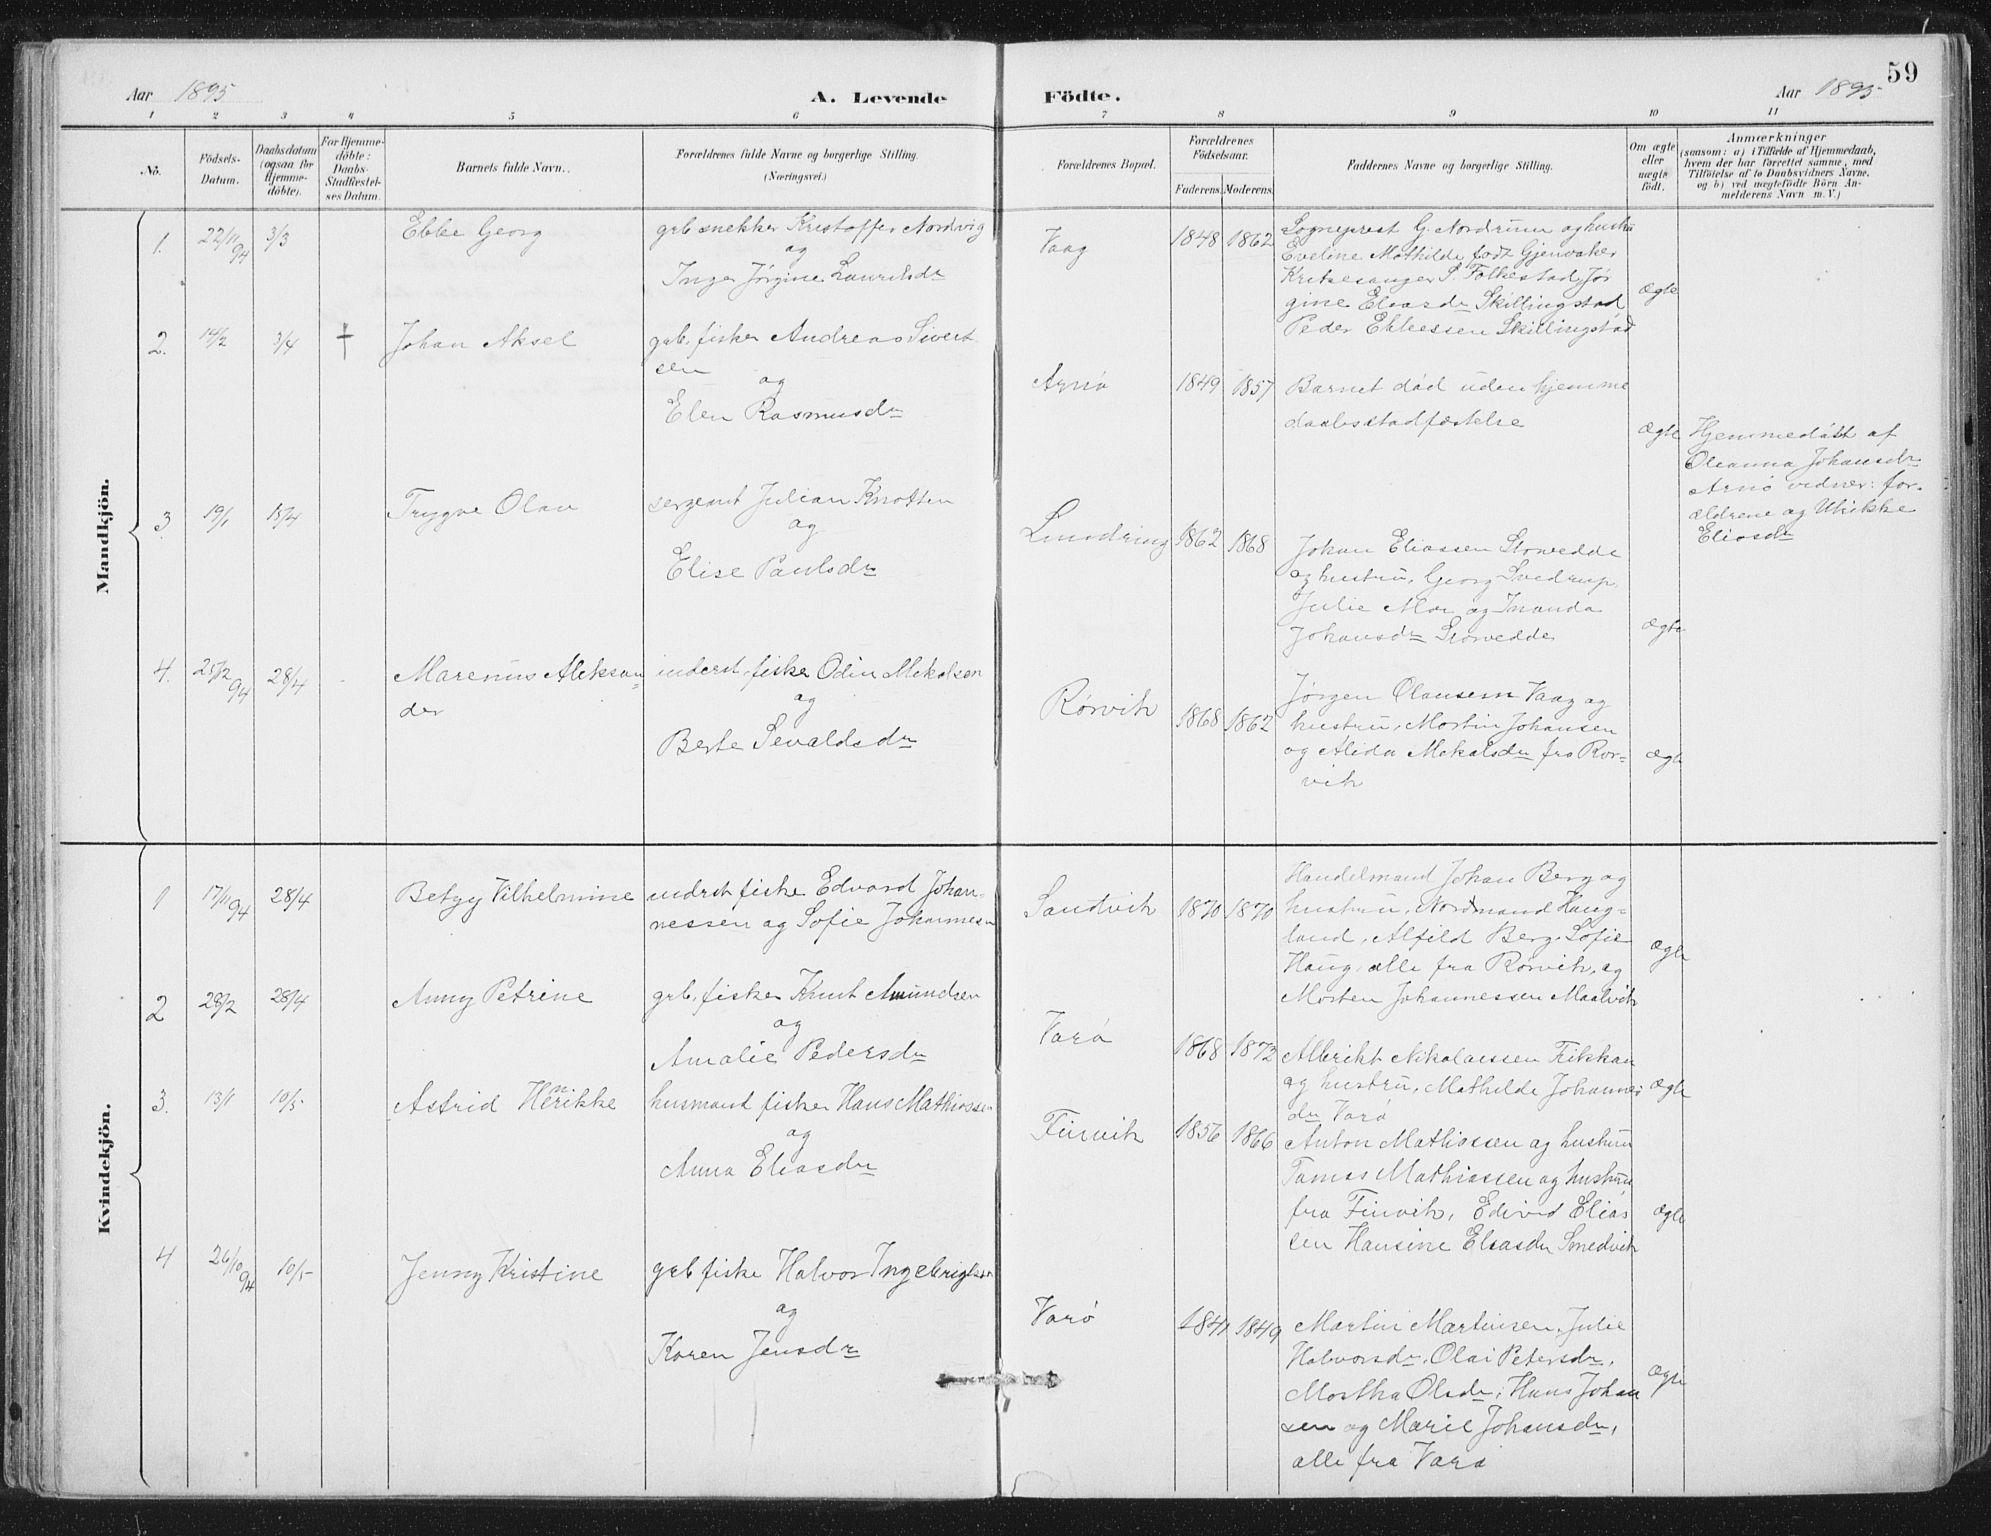 SAT, Ministerialprotokoller, klokkerbøker og fødselsregistre - Nord-Trøndelag, 784/L0673: Ministerialbok nr. 784A08, 1888-1899, s. 59